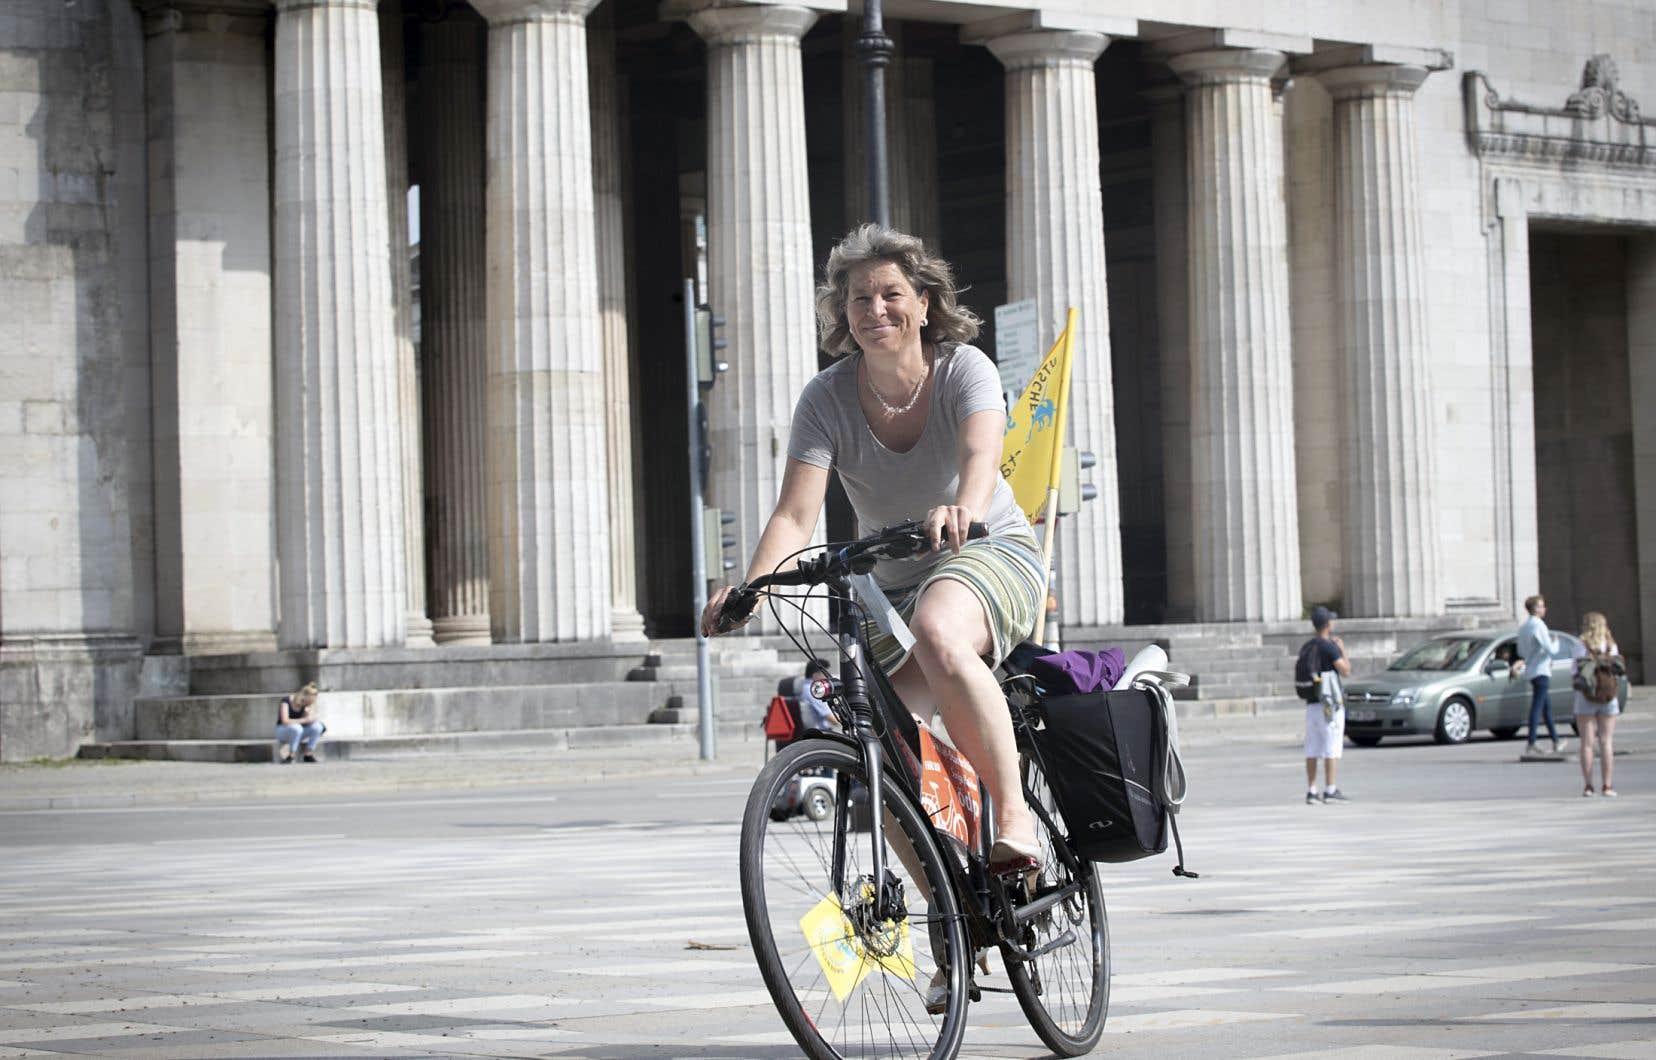 En ville, la conseillère municipale Sonja Haider se déplace toujours en vélo.